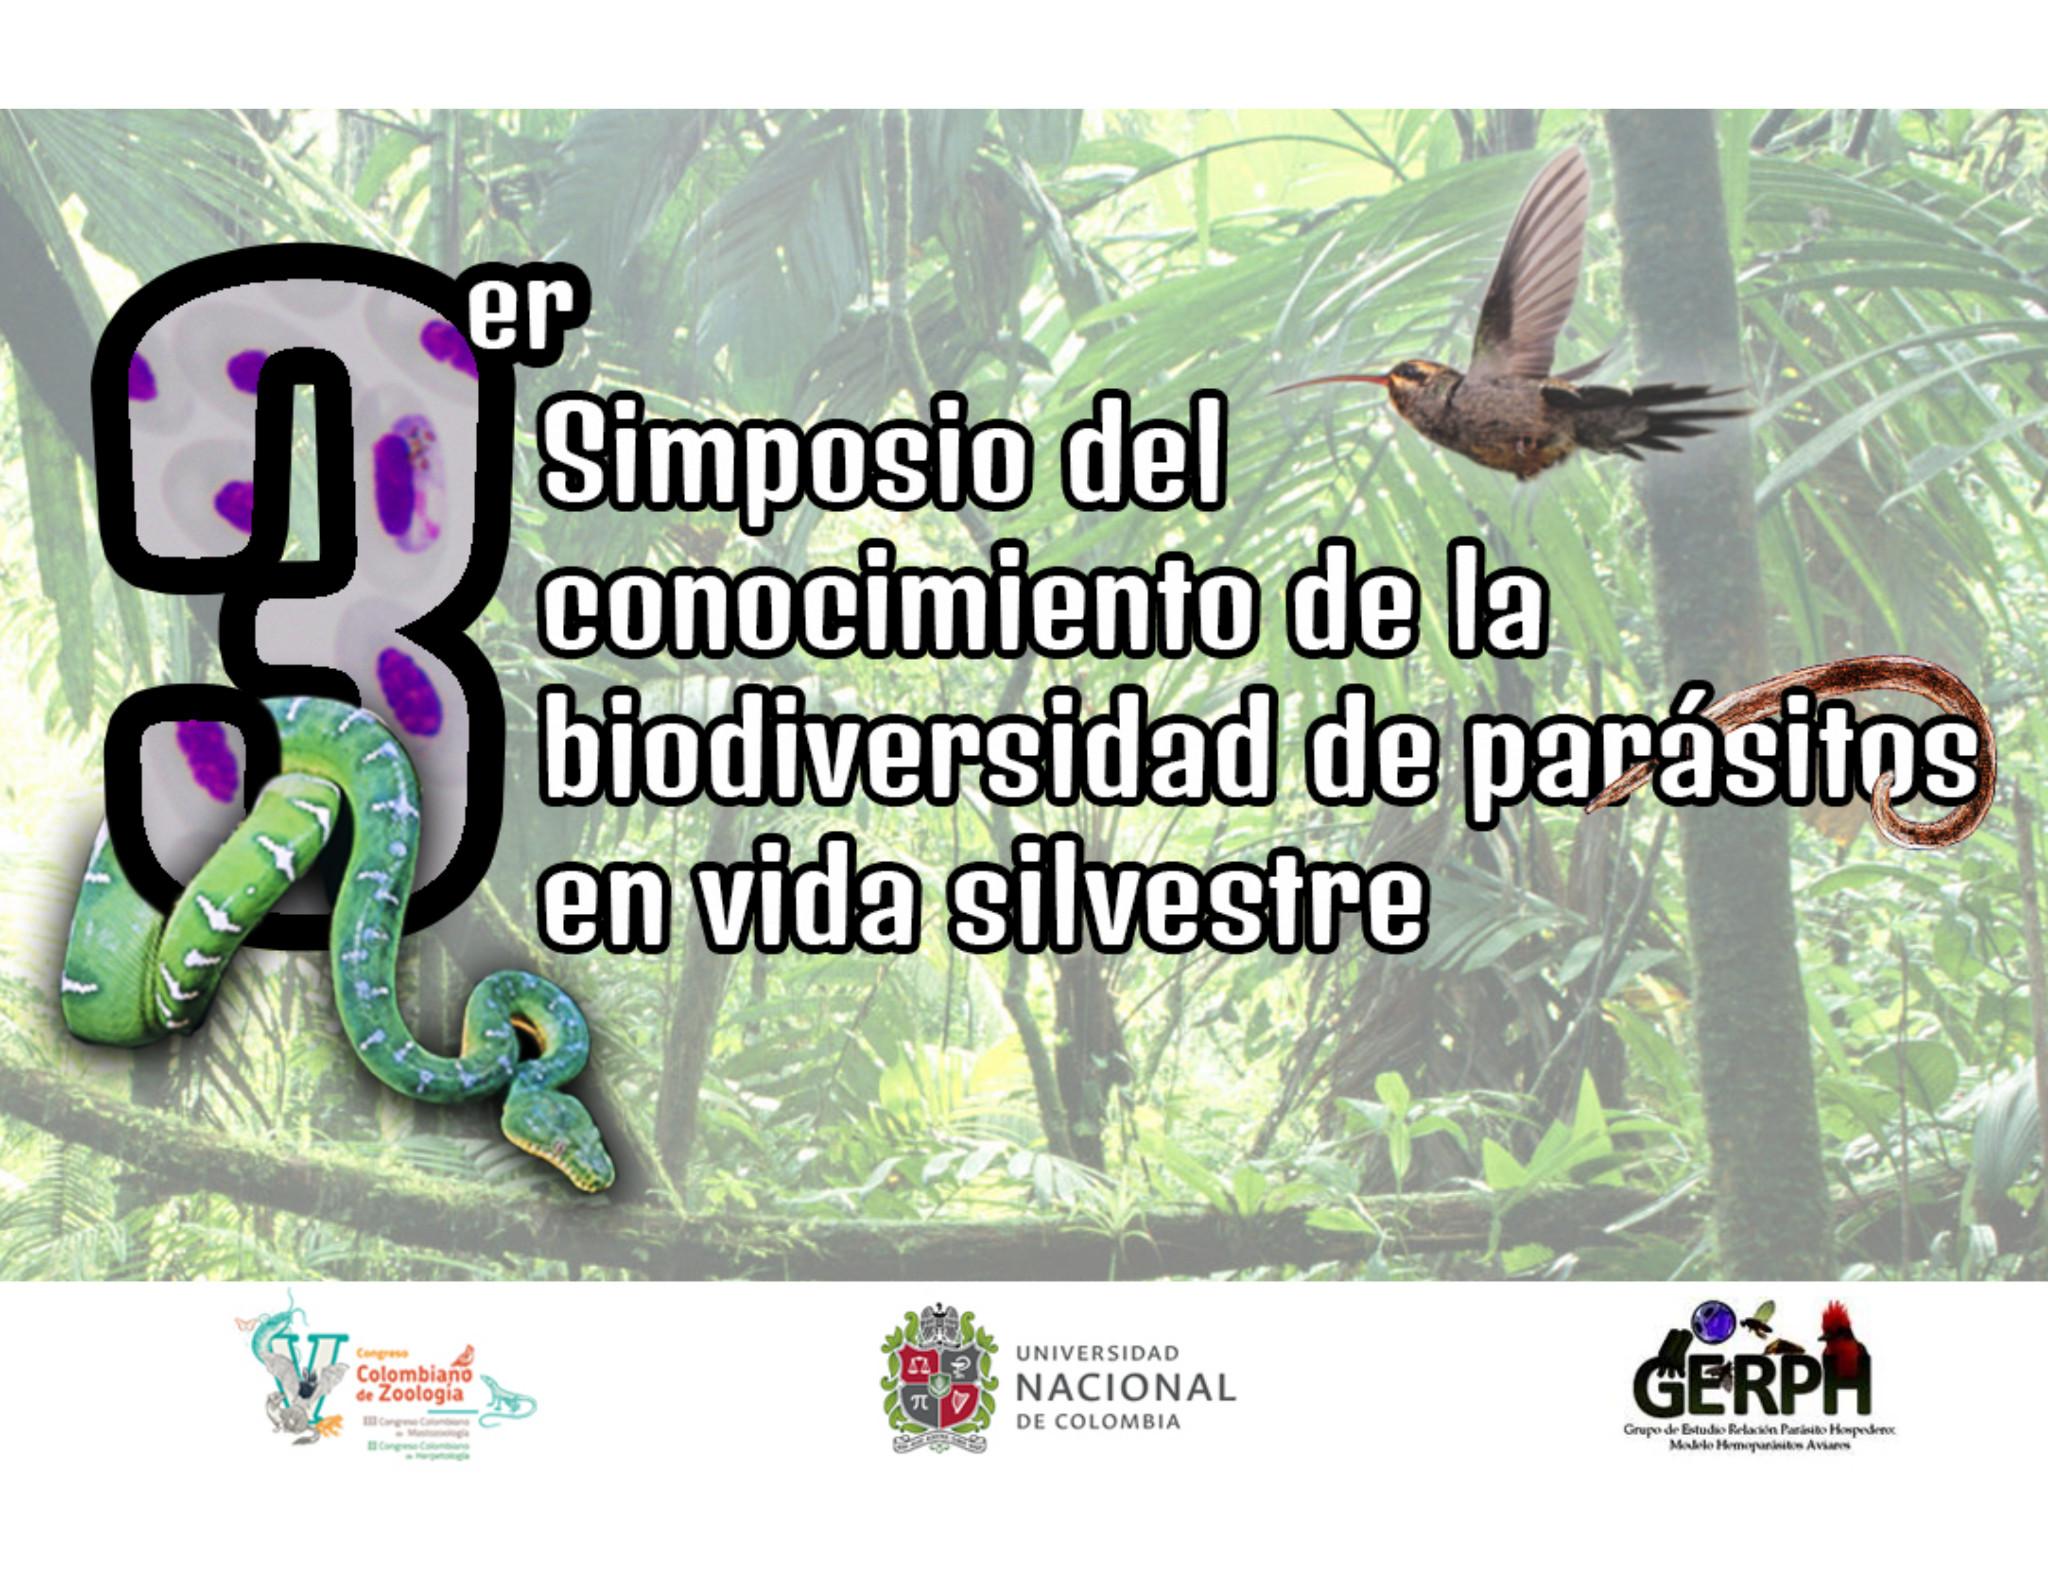 III Simposio del Conocimiento de la Biodiversidad                 de Parásitos en Vida Silvestre